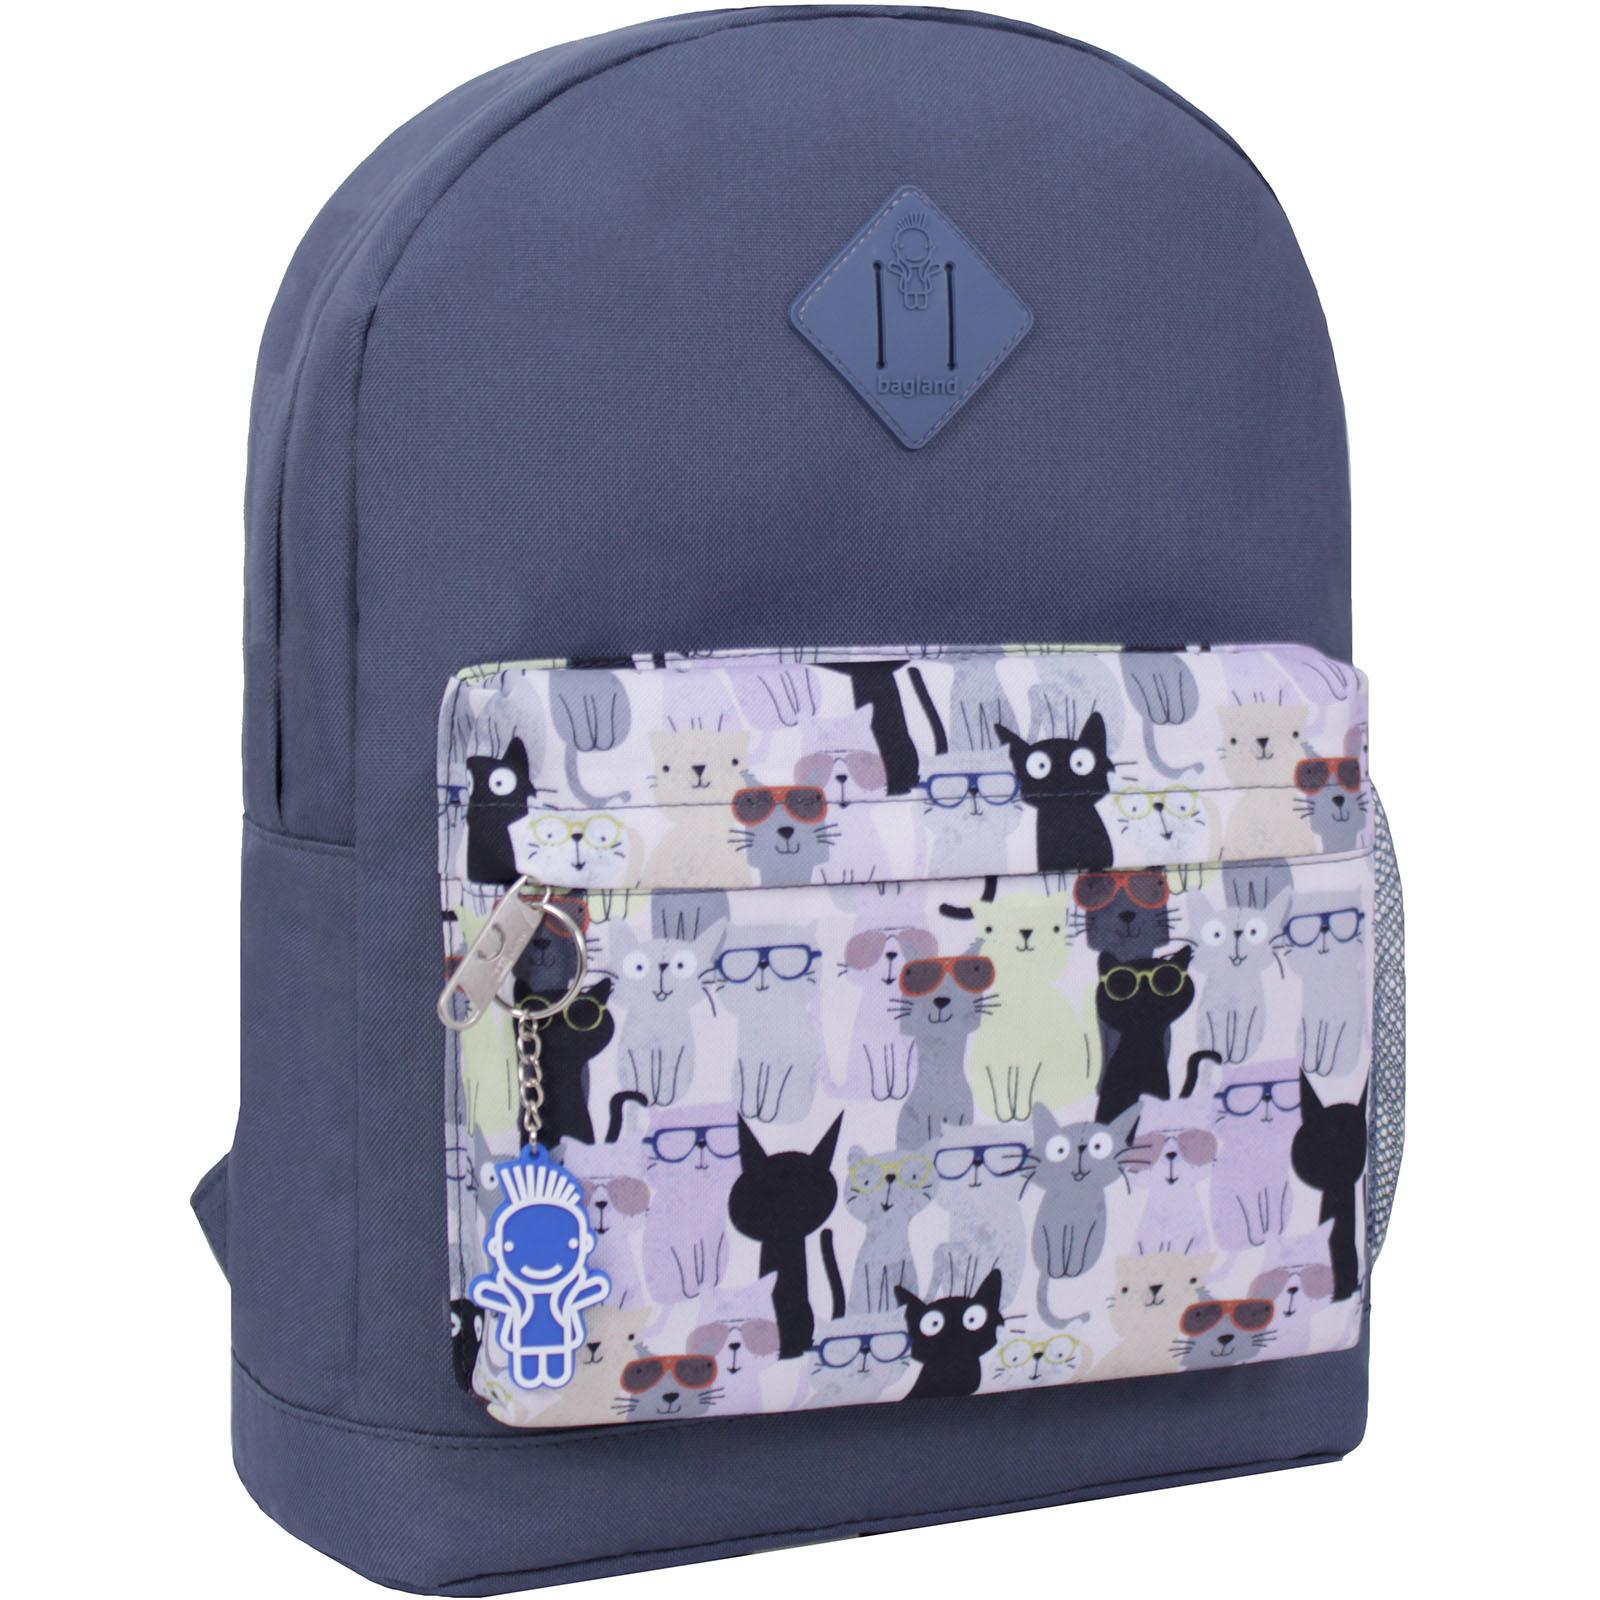 Городские рюкзаки Рюкзак Bagland Молодежный W/R 17 л. серый 473 (00533662) IMG_2472_суб.473_.JPG